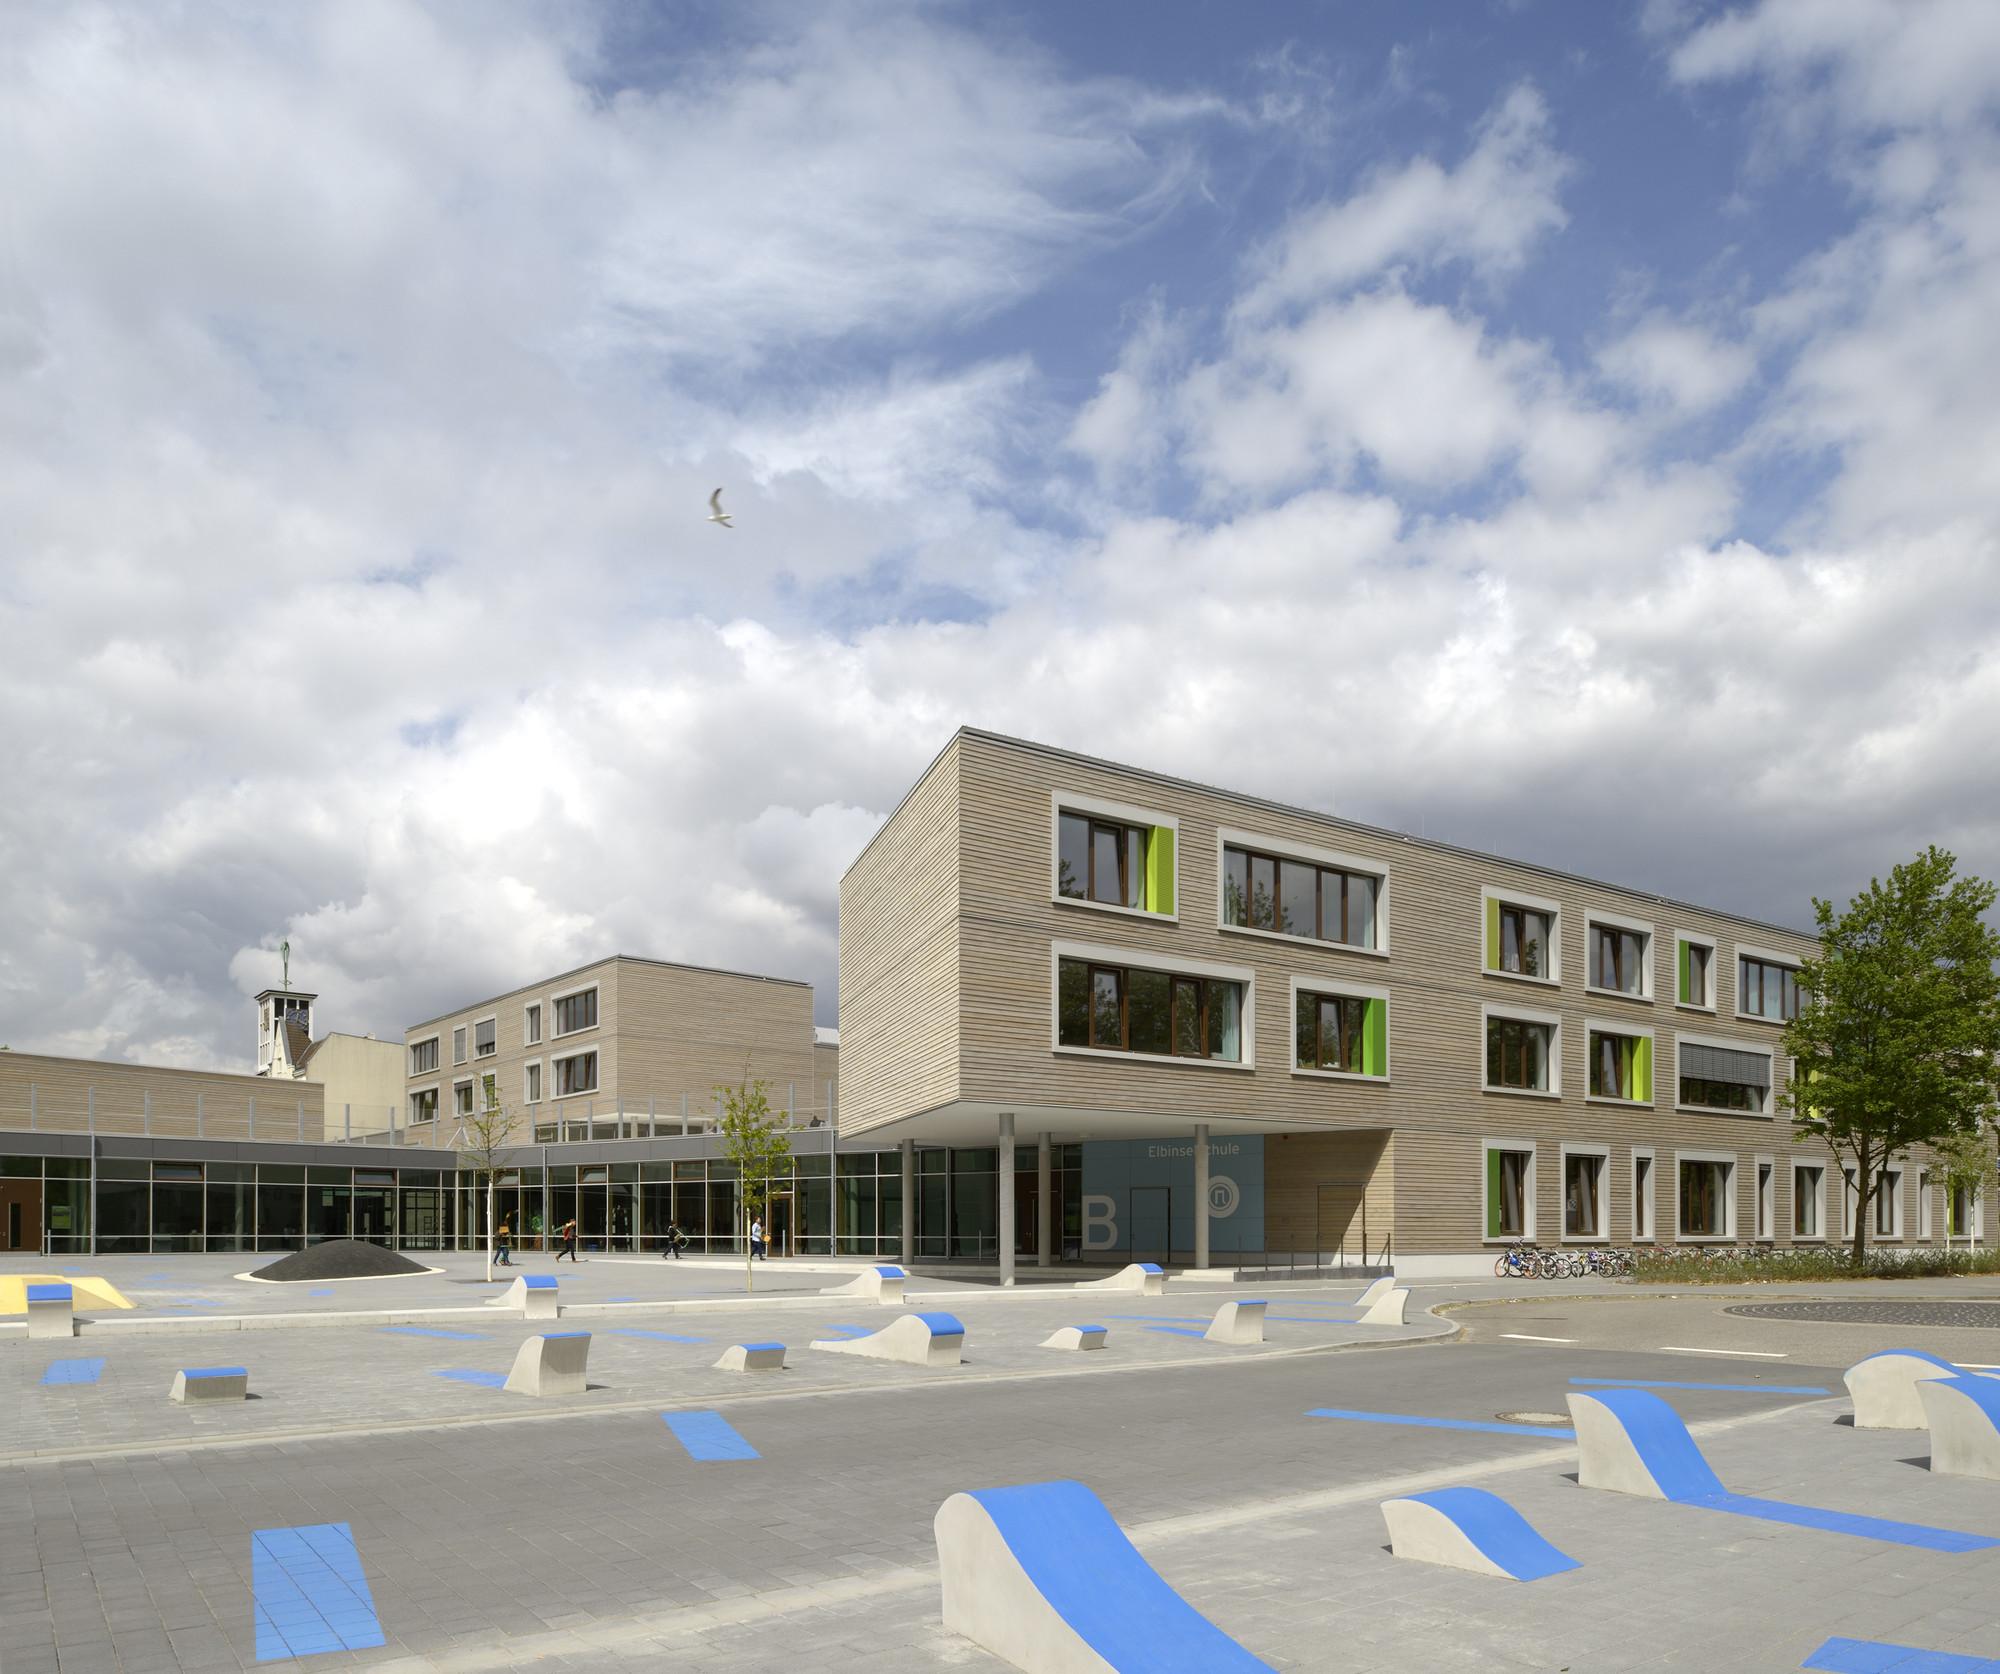 Bildungszentrum Tor zur Welt / Bof Architekten, © Hagen Stier